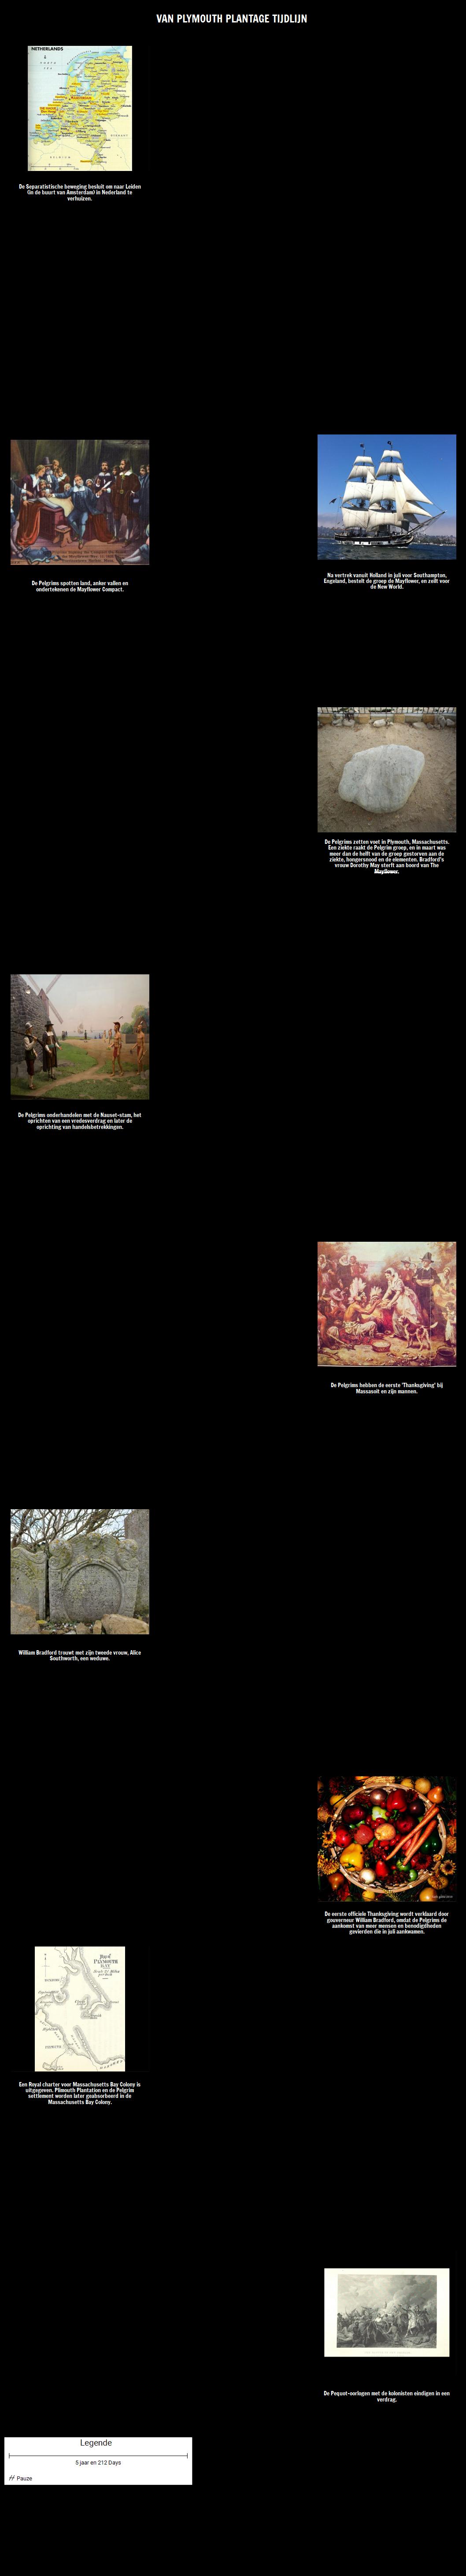 Van de Plymouth Plantation Timeline